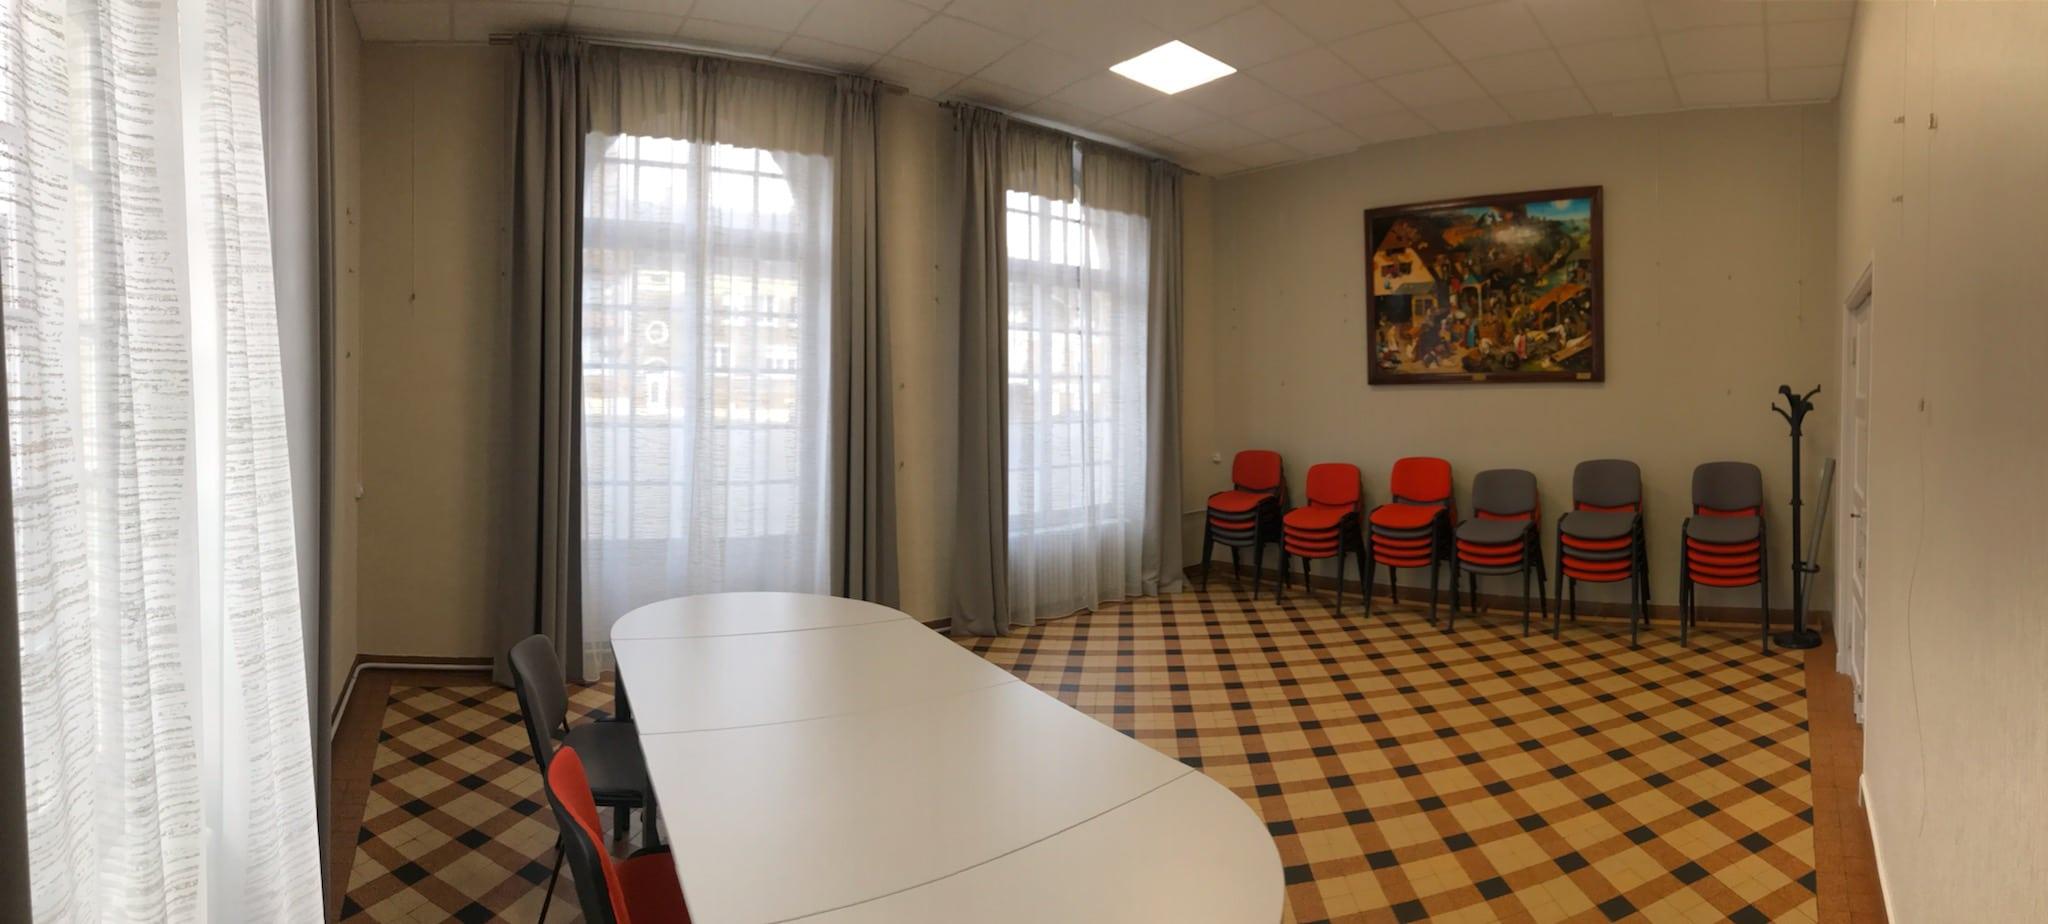 La salle des associations